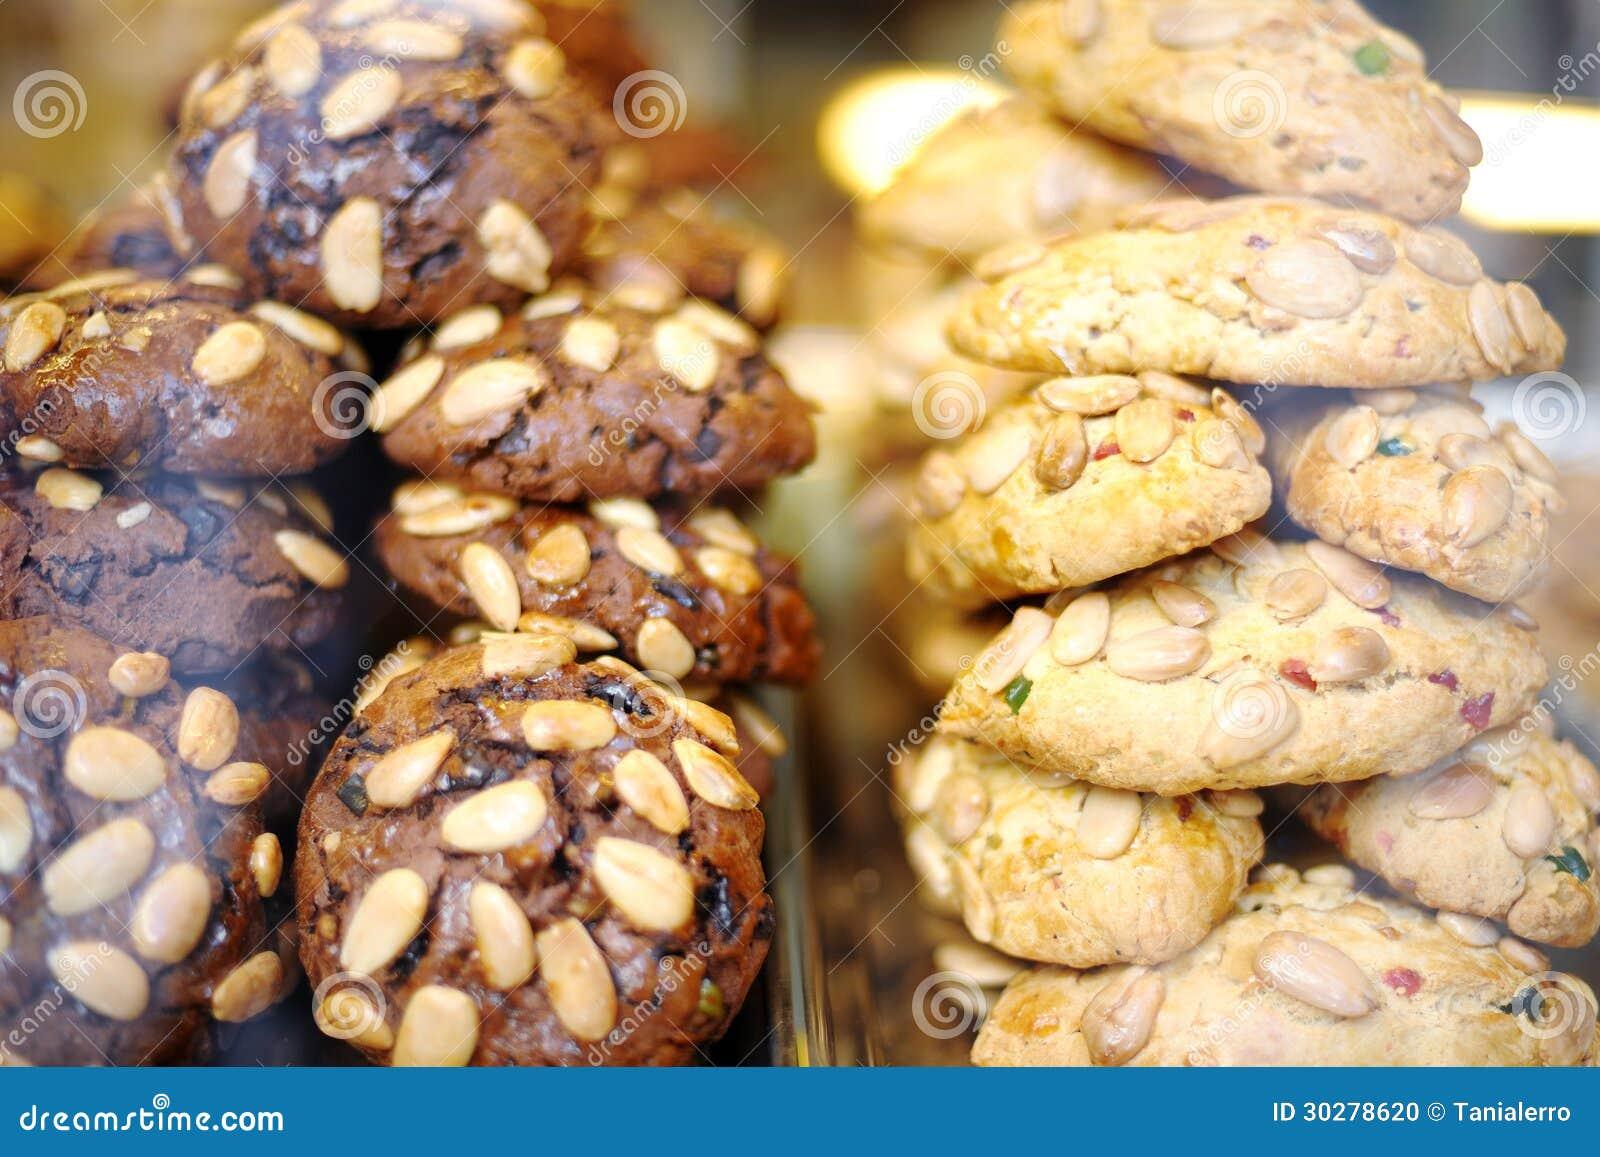 意大利曲奇饼用杏仁巧克力和糖果